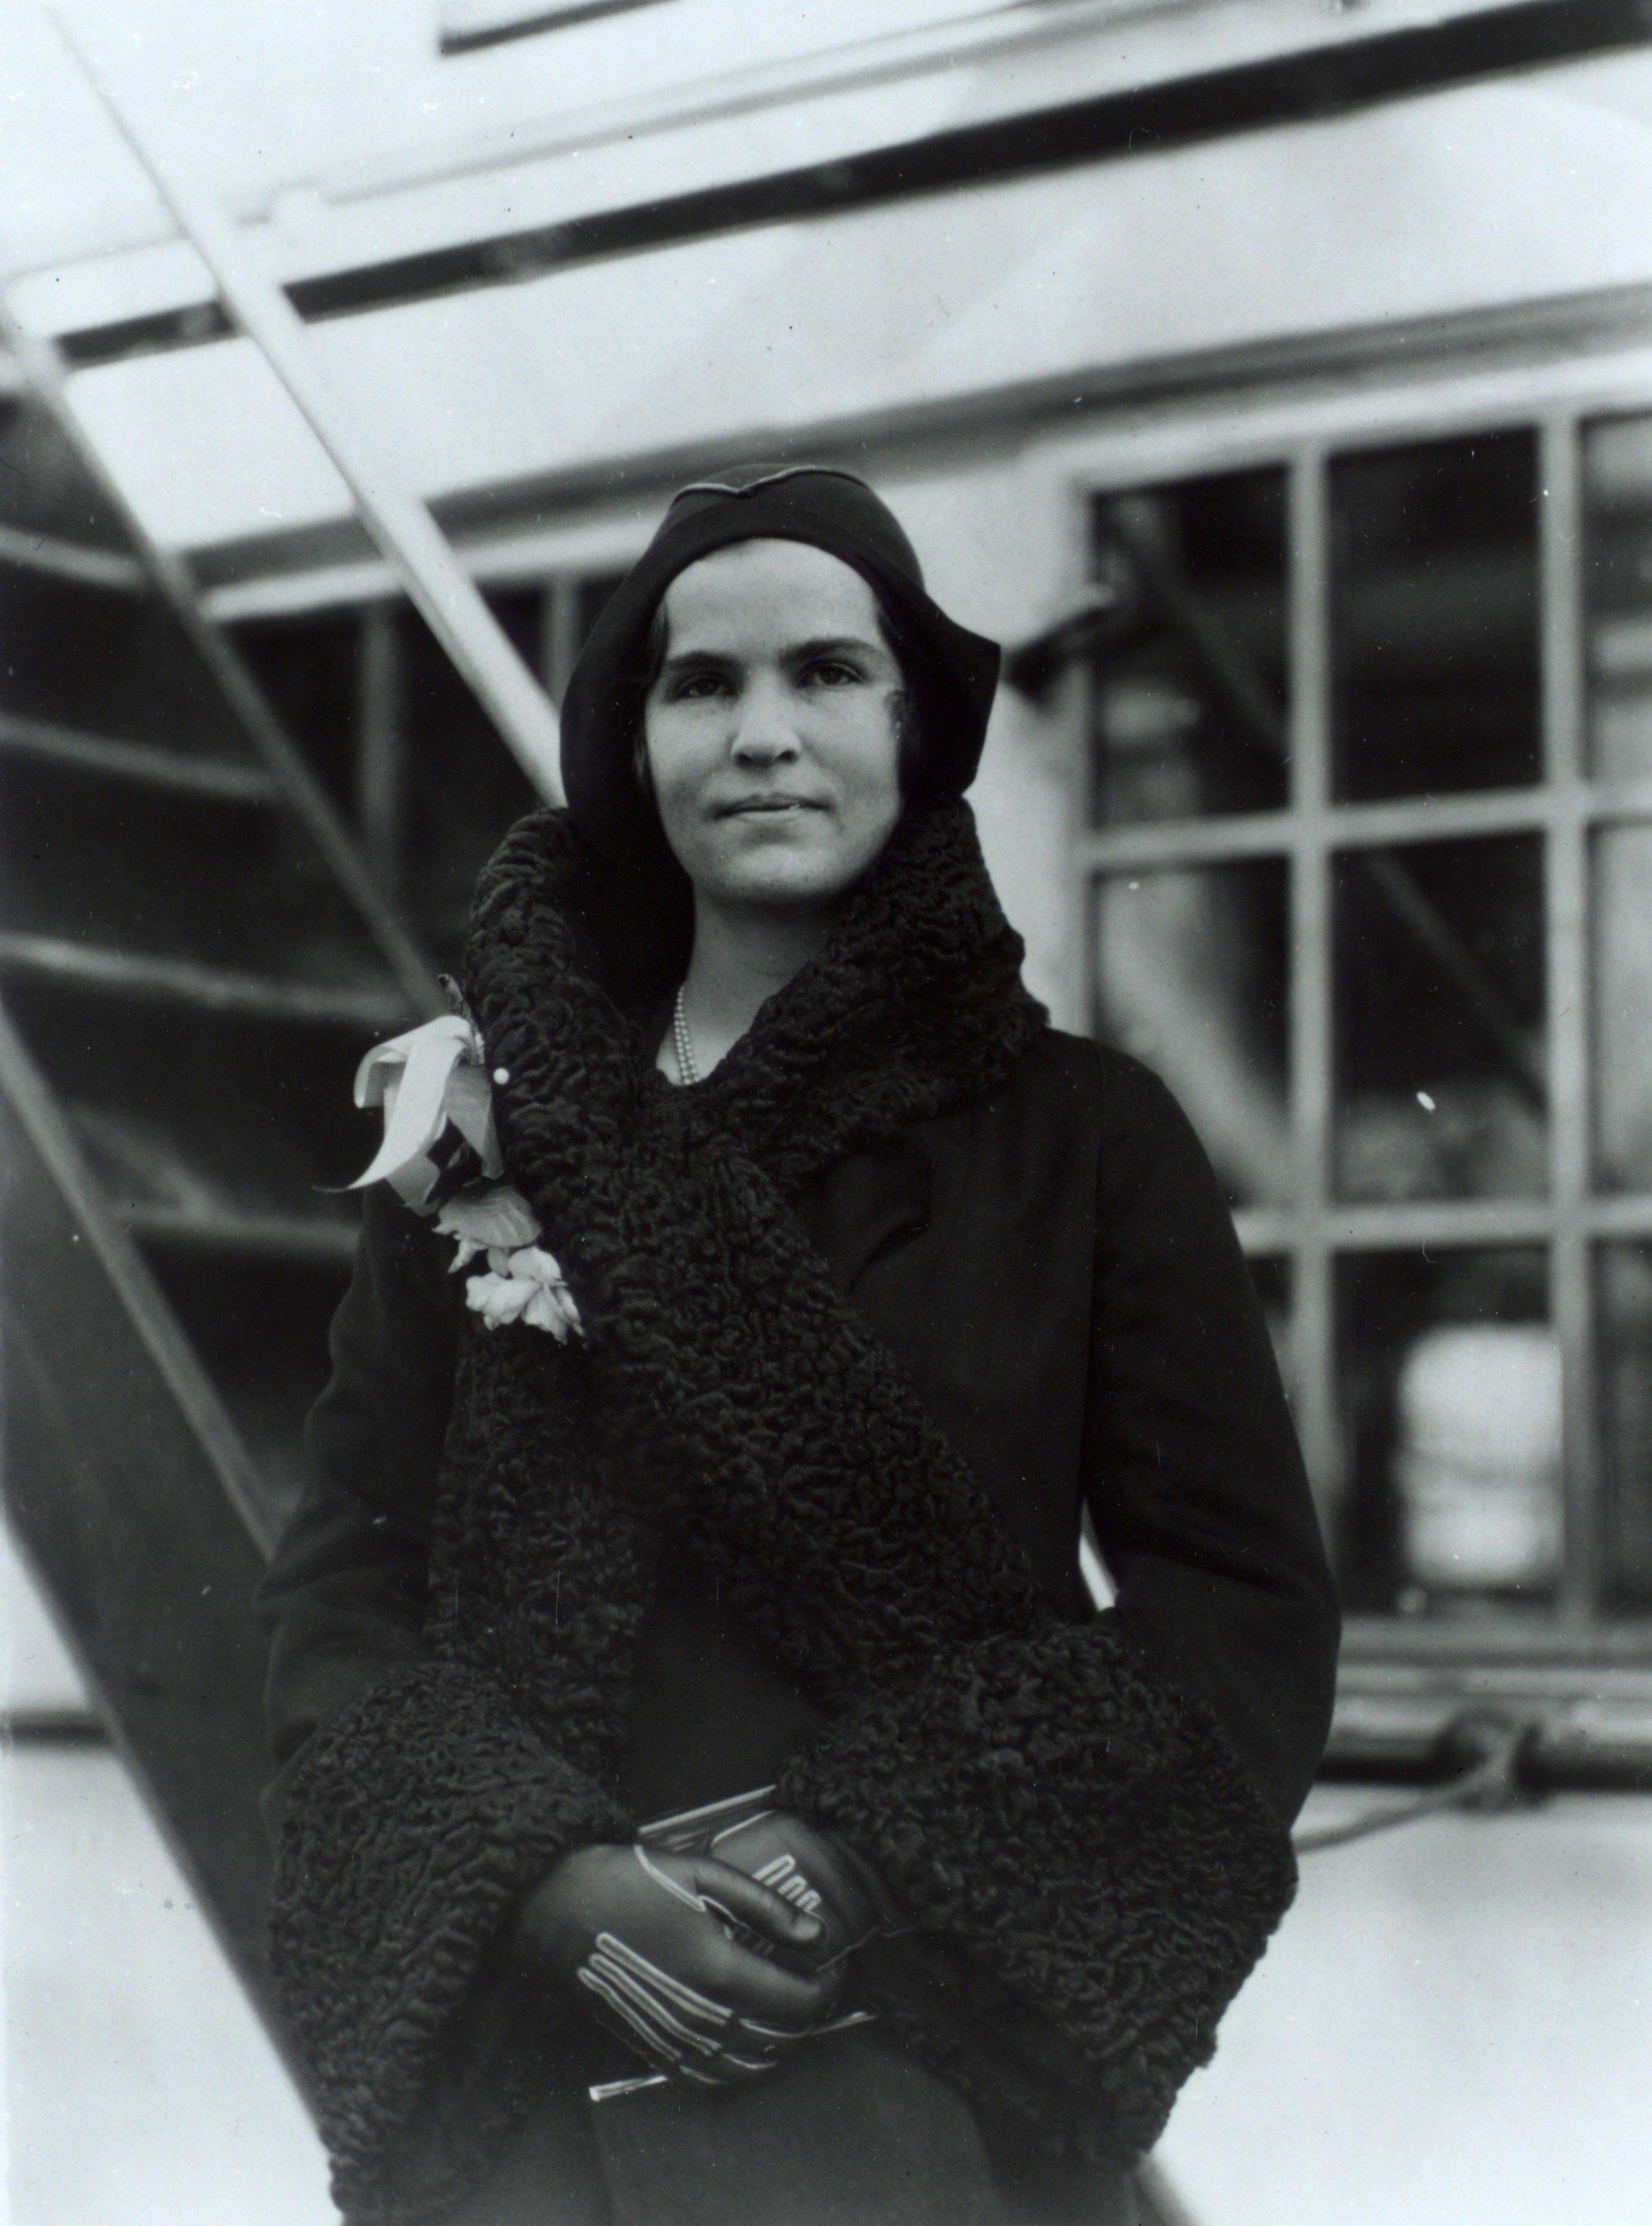 Fotografía de Elizabeth Hughes, 22/12/1930Fotografía de Elizabeth Hughes, 22/12/1930